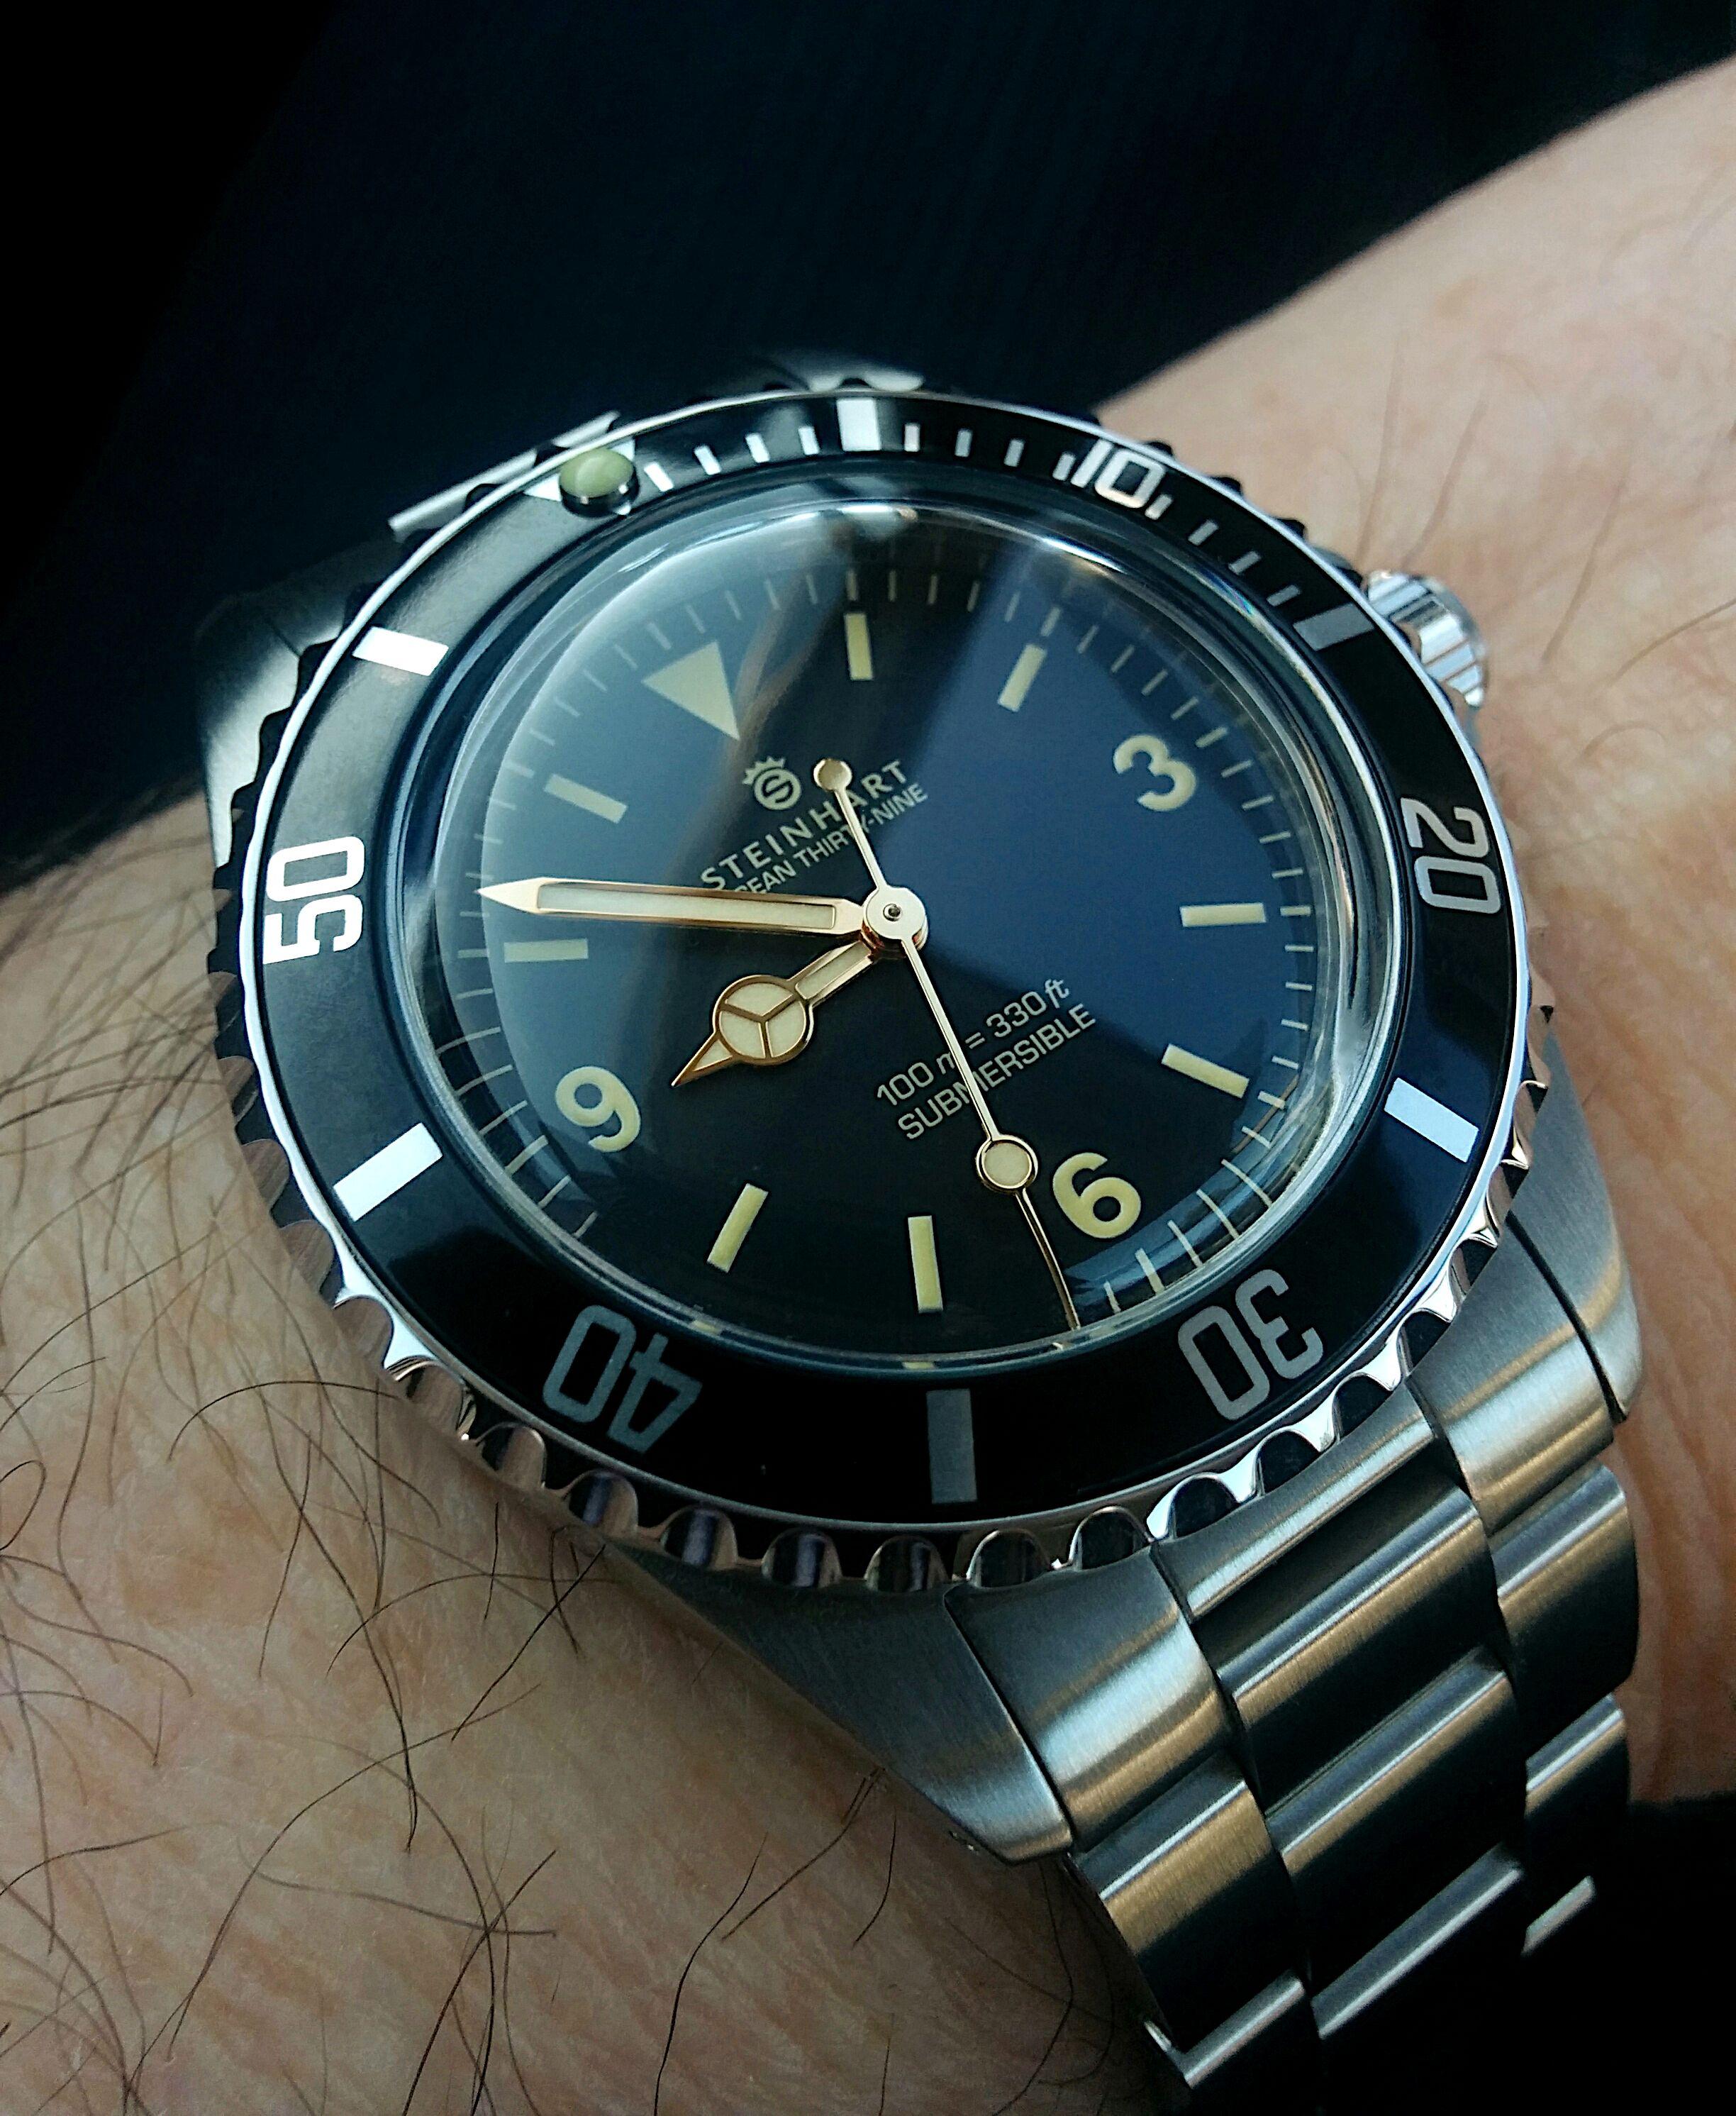 Pin by Bas Vleeskruyer on Horloges in 2020 | Steinhart watch